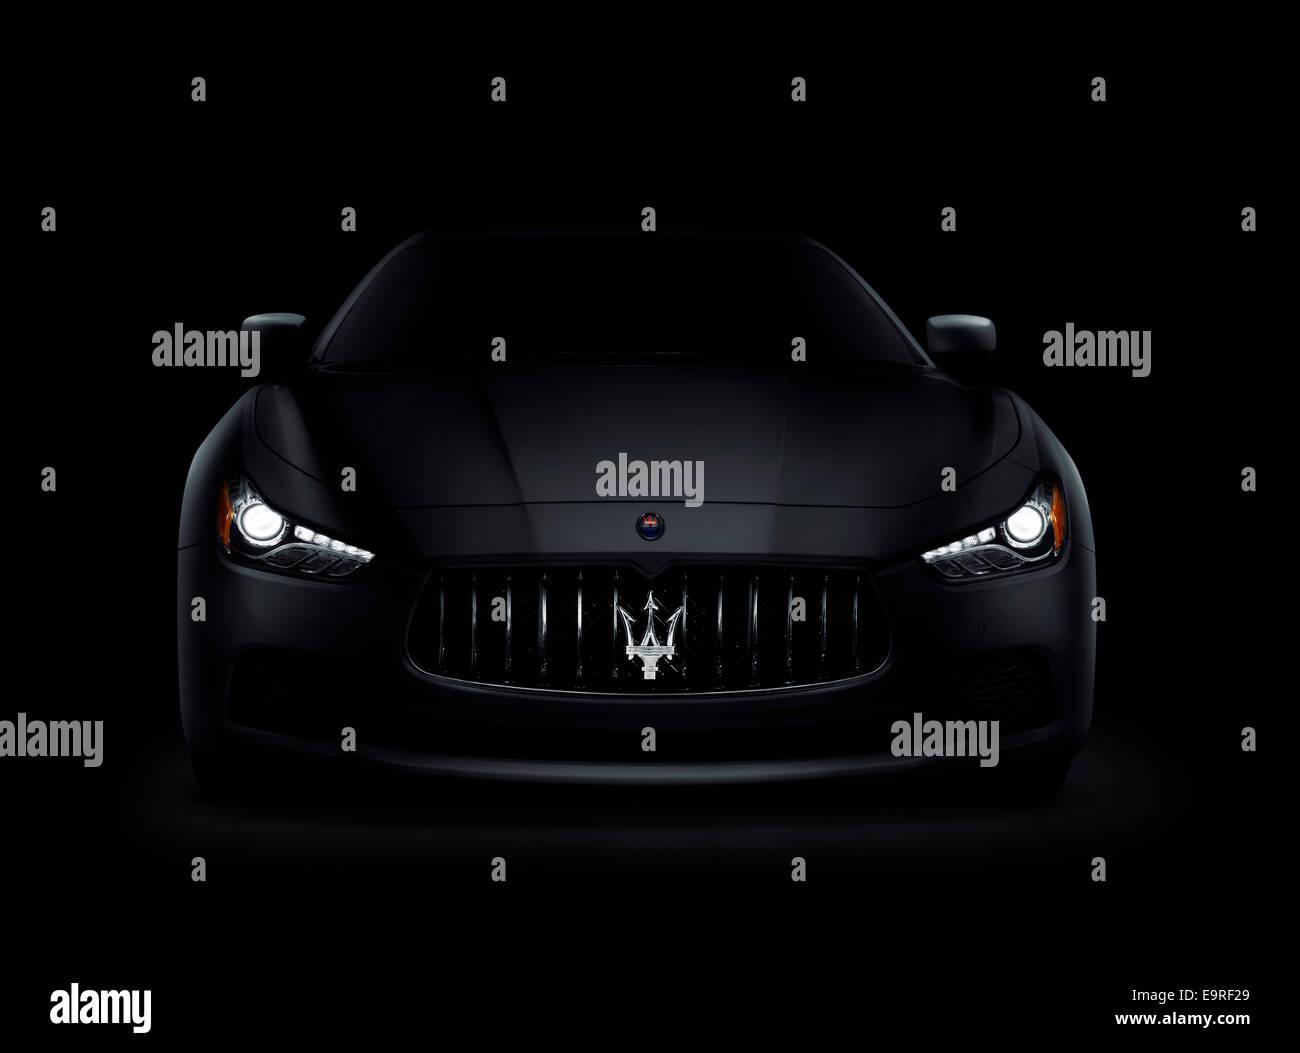 Dramatische Foto einer dunklen 2014 Maserati Ghibli S Q4 Luxus Auto Front anzeigen mit leuchtenden Scheinwerfer Stockbild